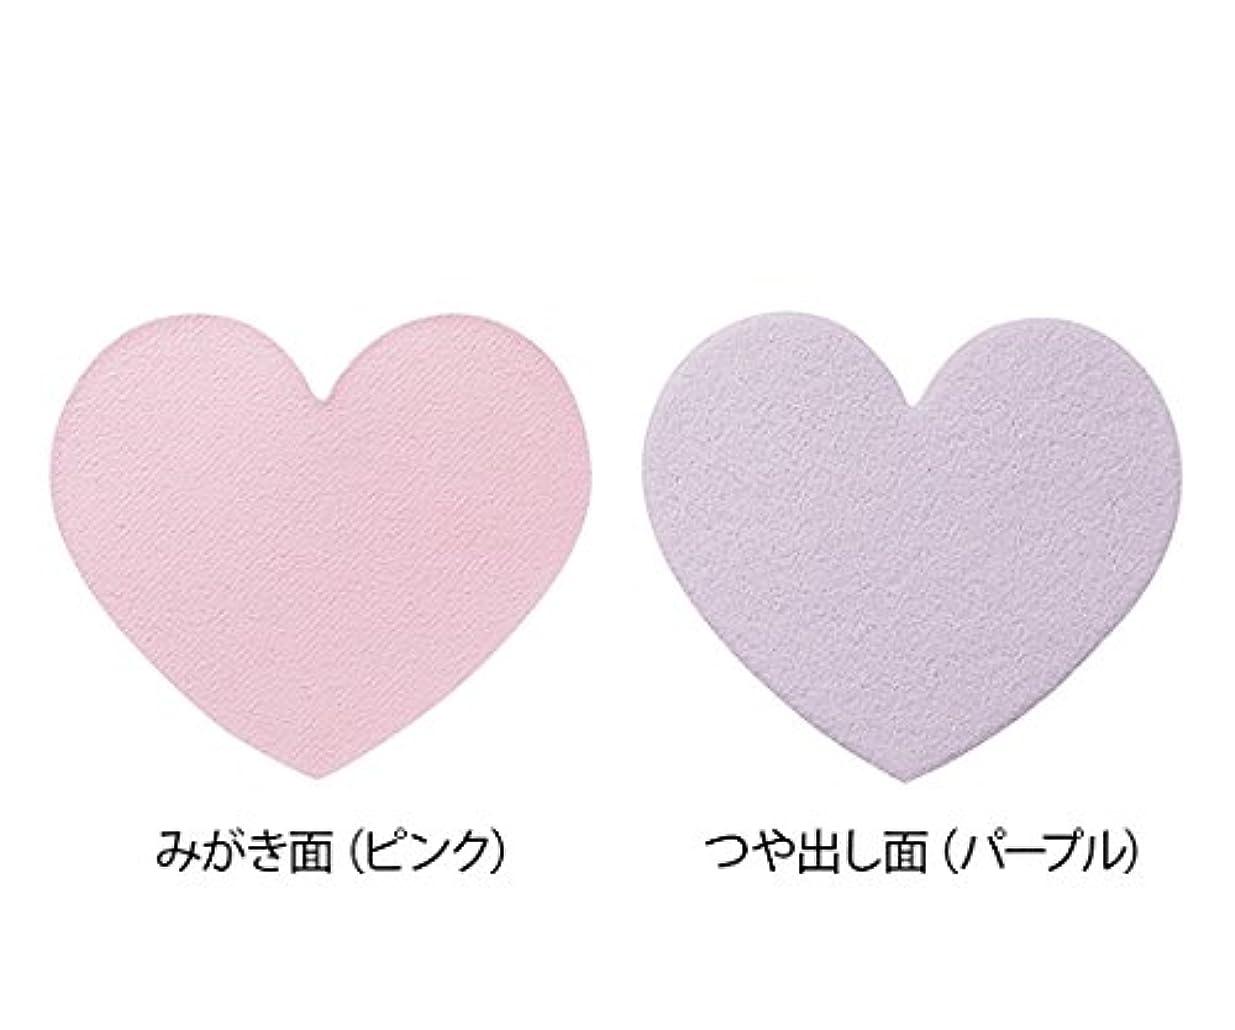 肌寒い贈り物クラシカル爪みがきクロス /7-3386-01